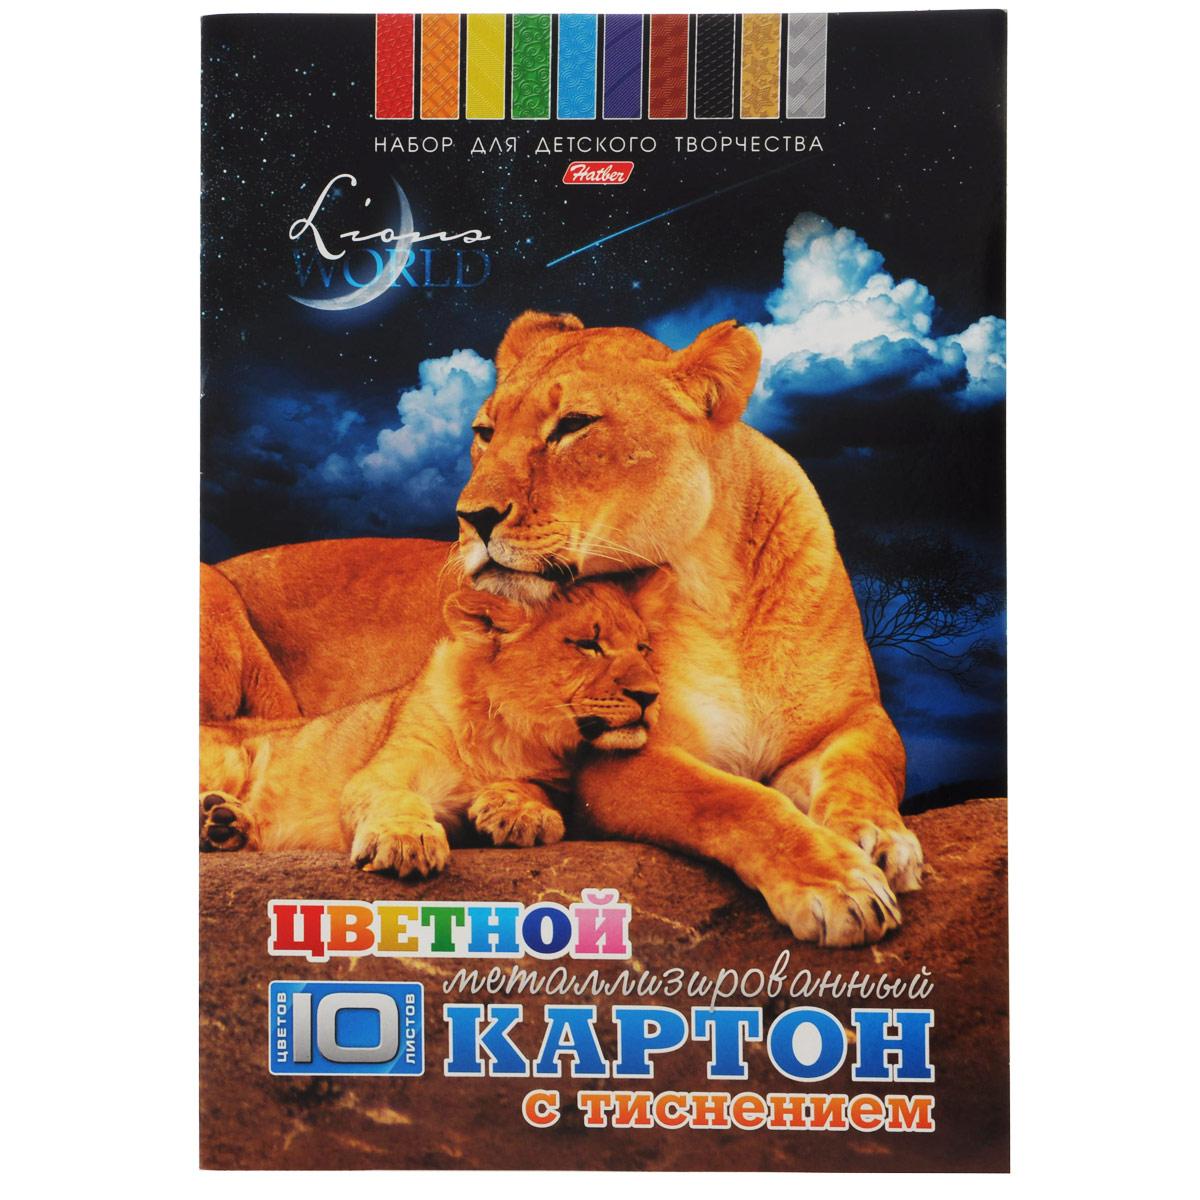 Цветной картон Hatber Мамина любовь, металлизированный, с тиснением, 10 листовА24_9063Цветной металлизированный картон Hatber Мамина любовь позволит вашему ребенку создавать всевозможные аппликации и поделки. Набор состоит из десяти листов картона зеленого, красного, сине-фиолетового, черного, золотистого, серебристого, коричневого, желтого, светло-зеленого и синего цветов с объемным тиснением различными узорами. Картон упакован в яркую оригинальную картонную папку. Создание поделок из цветного картона поможет ребенку в развитии творческих способностей, кроме того, это увлекательный досуг.Рекомендуемый возраст от 6 лет.